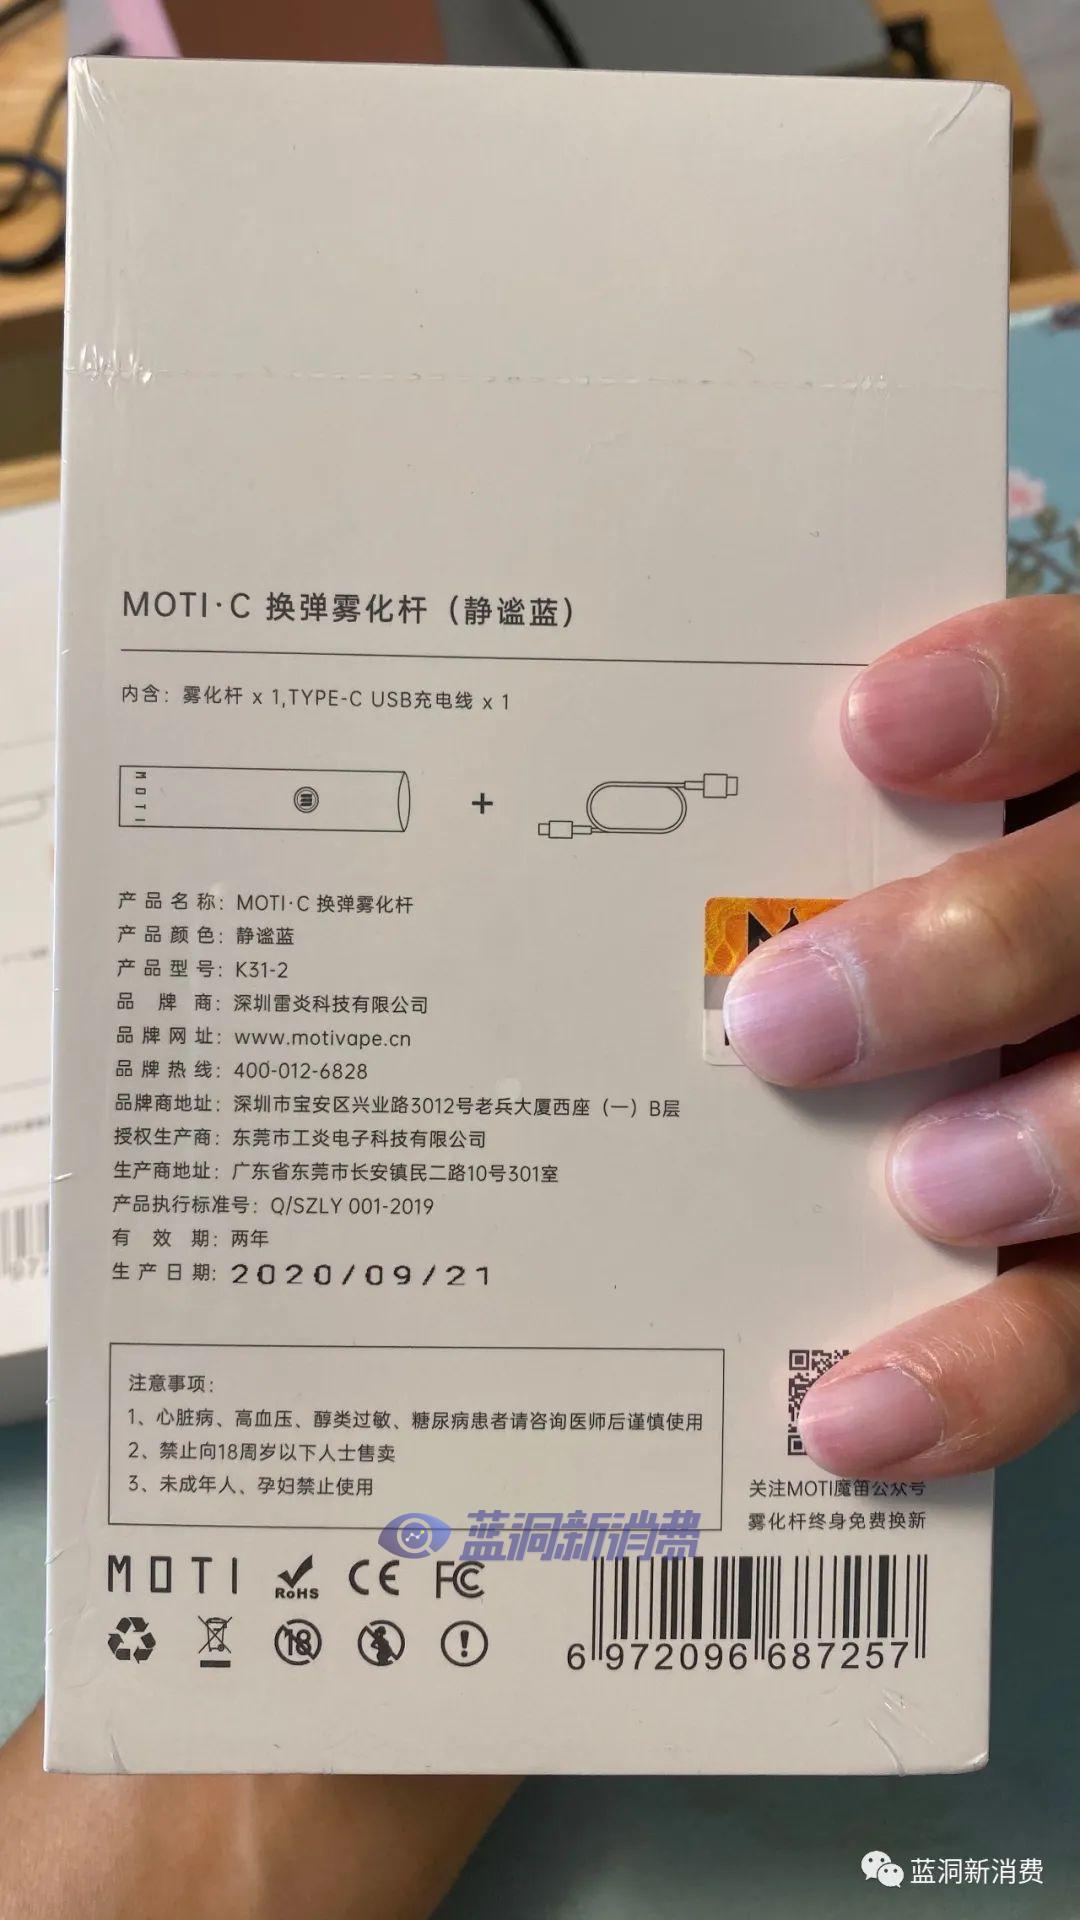 魔笛将发布新品C系列:新增变频与烟杆互动功能